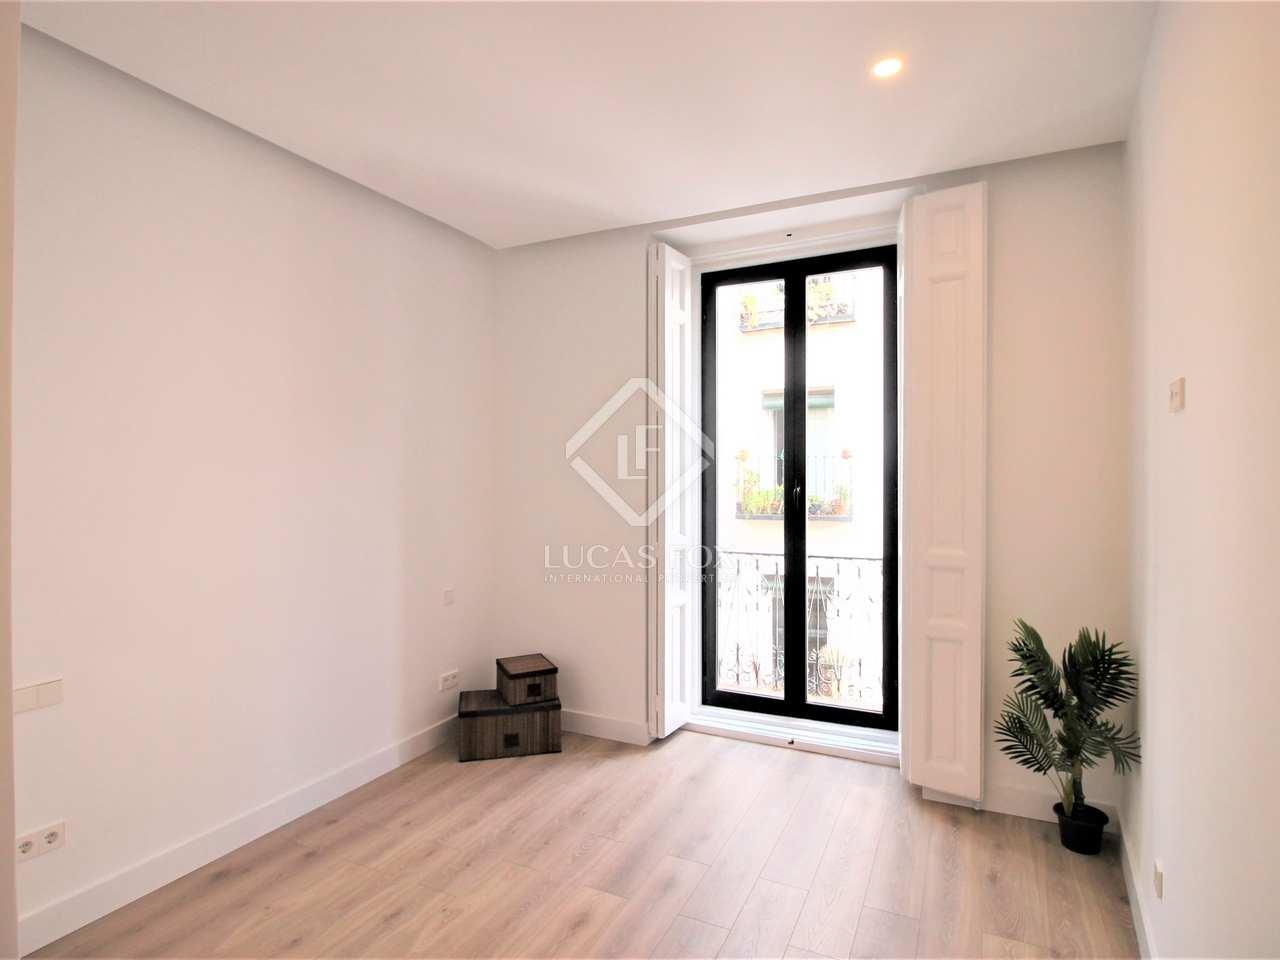 Appartement de 160m a vendre cortes huertas madrid - Appartement de ville anton bazaliiskii ...